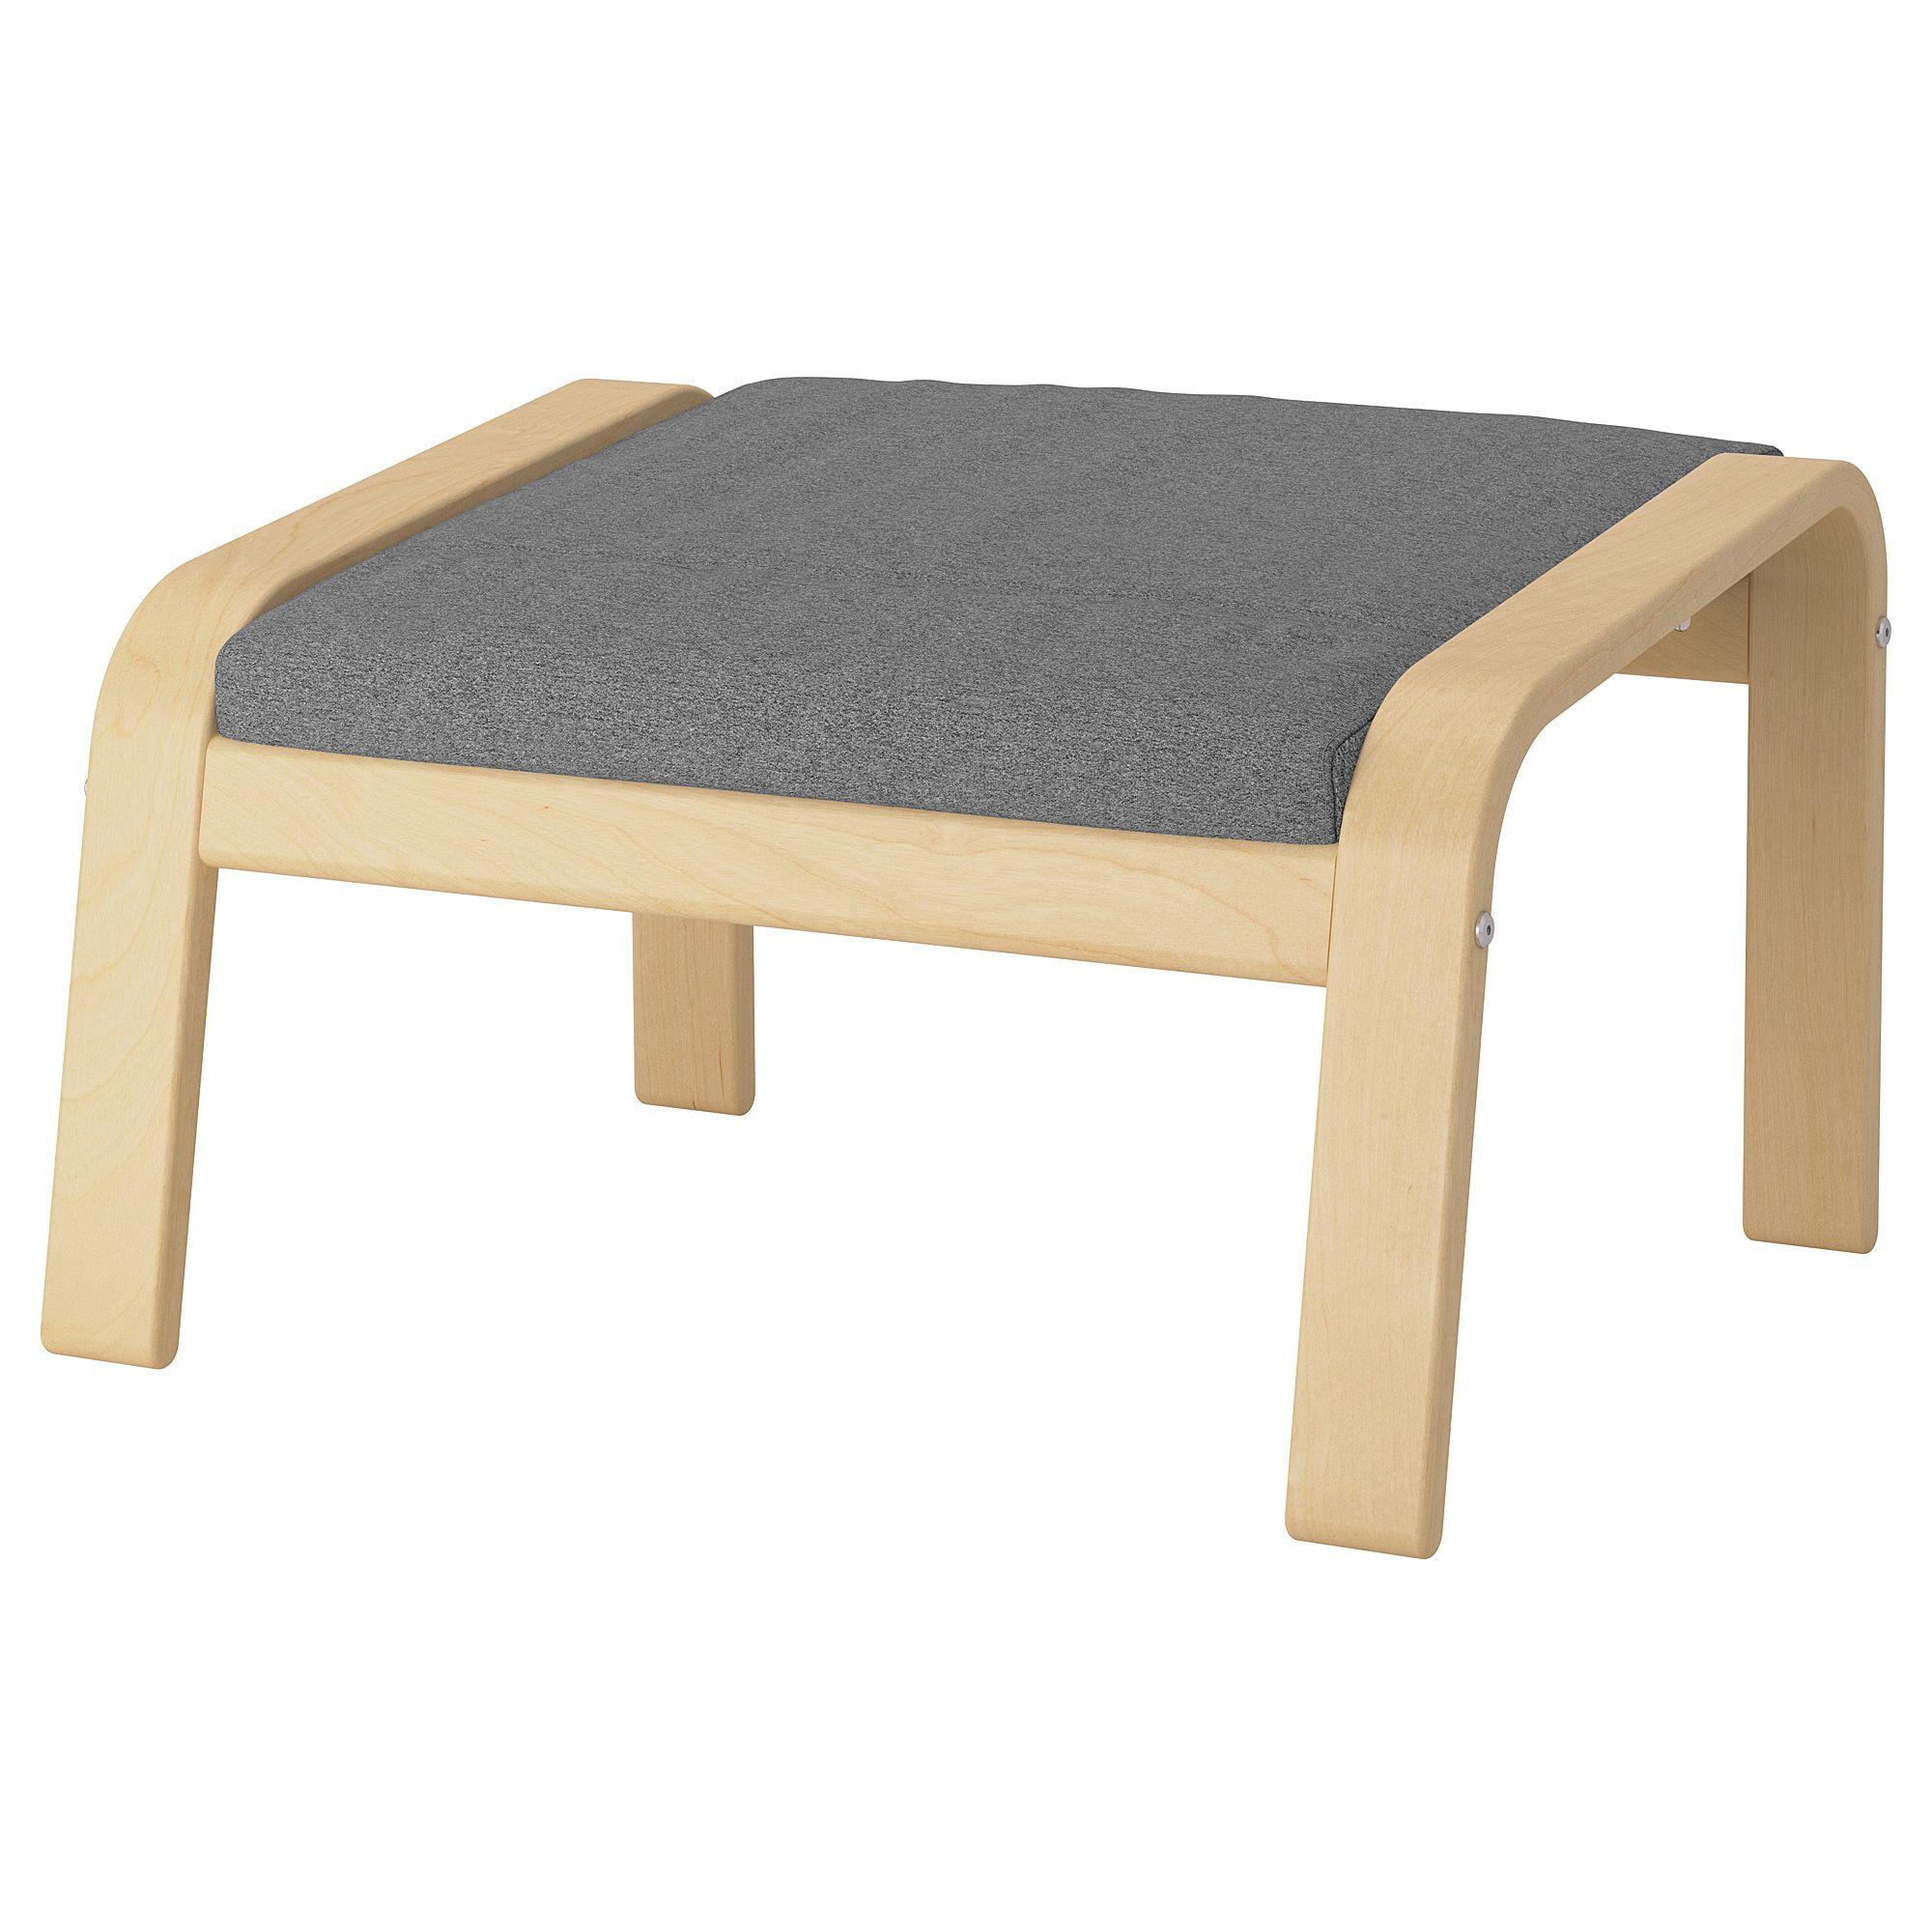 Poang Footstool Cushion Lysed Gray Ikea Footstool Ikea Beige